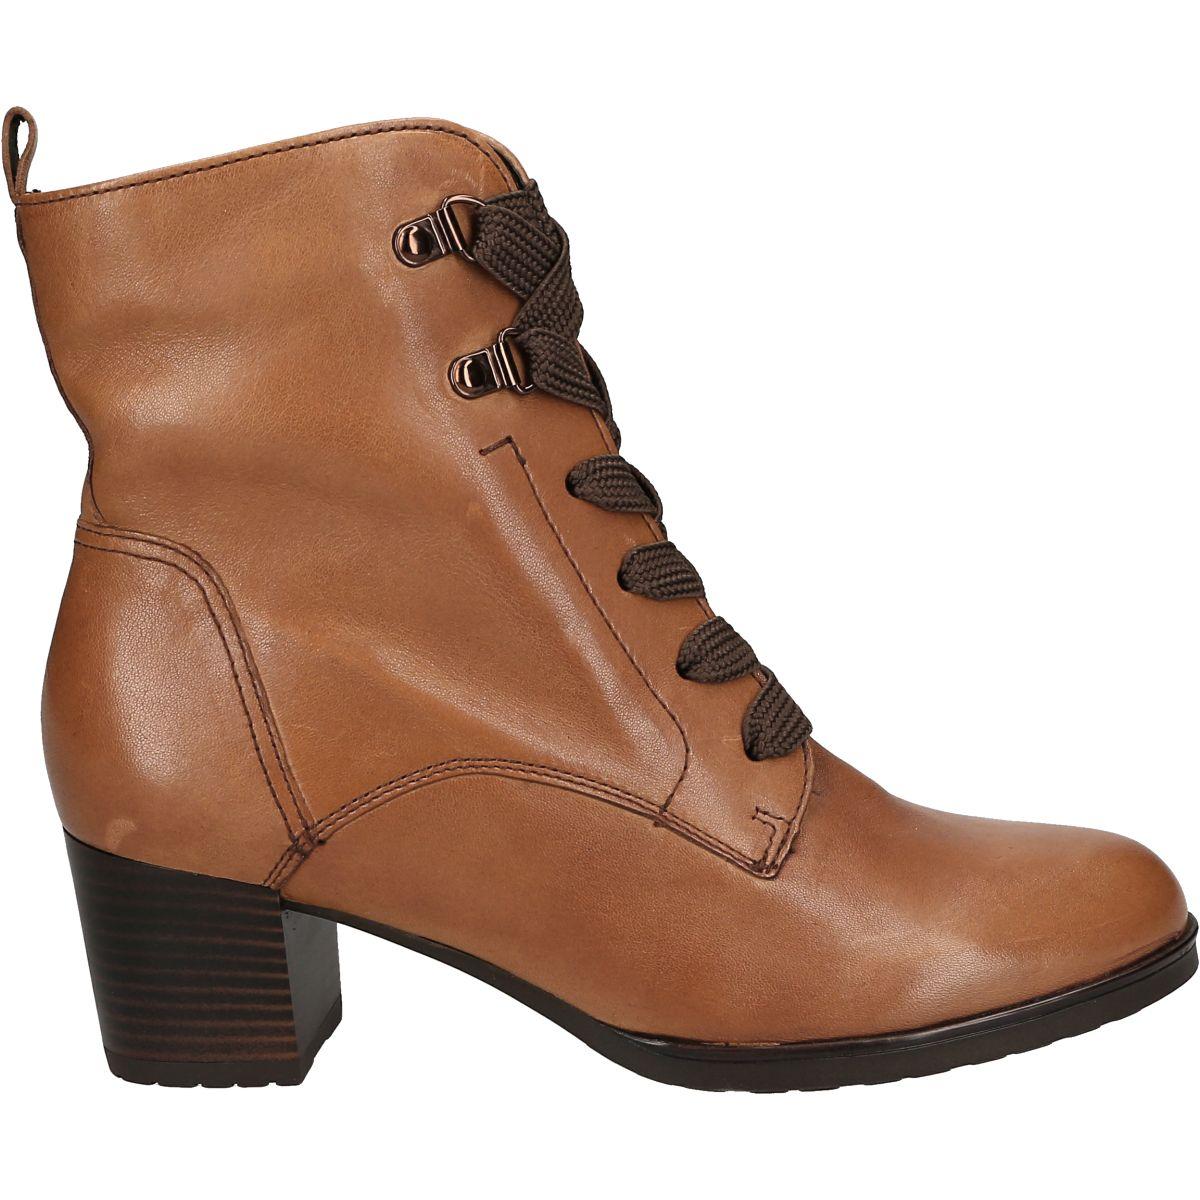 Ara 16917 66 Damenschuhe Boots im Schuhe Lüke Online Shop kaufen